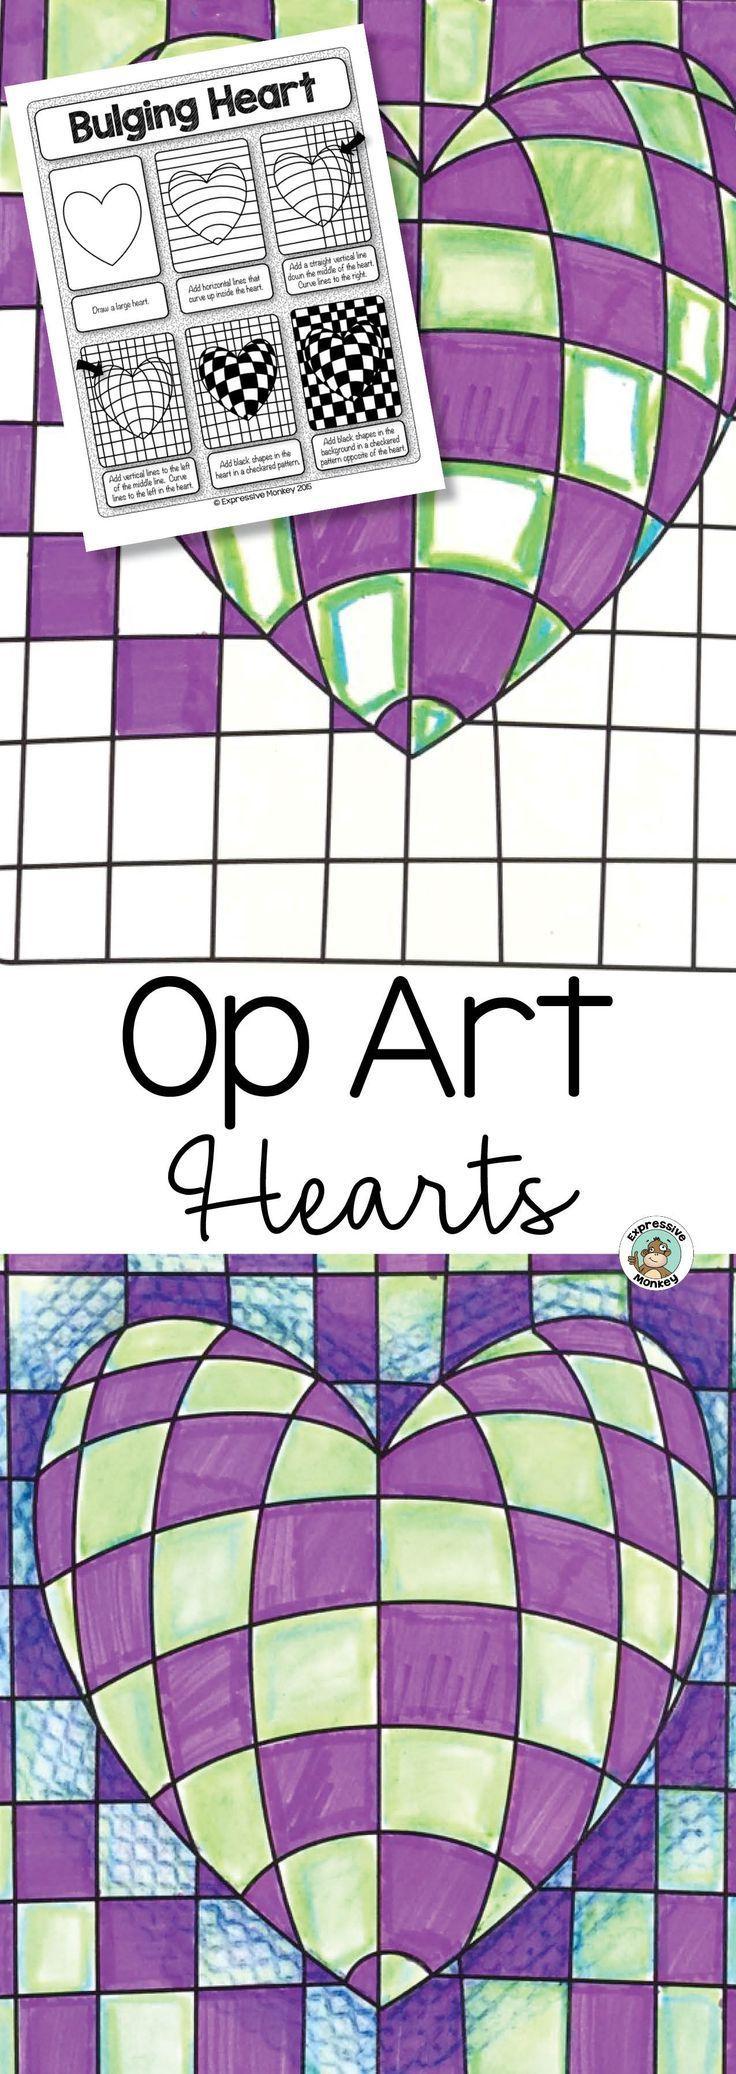 Kreieren Sie Eine Atemberaubende Kunstausstellung Zum Valentinstag Mit Dieser Op Art Hearts Makeup Make In 2020 Valentinstag Kunst Kunstausstellung Kunst Grundschule